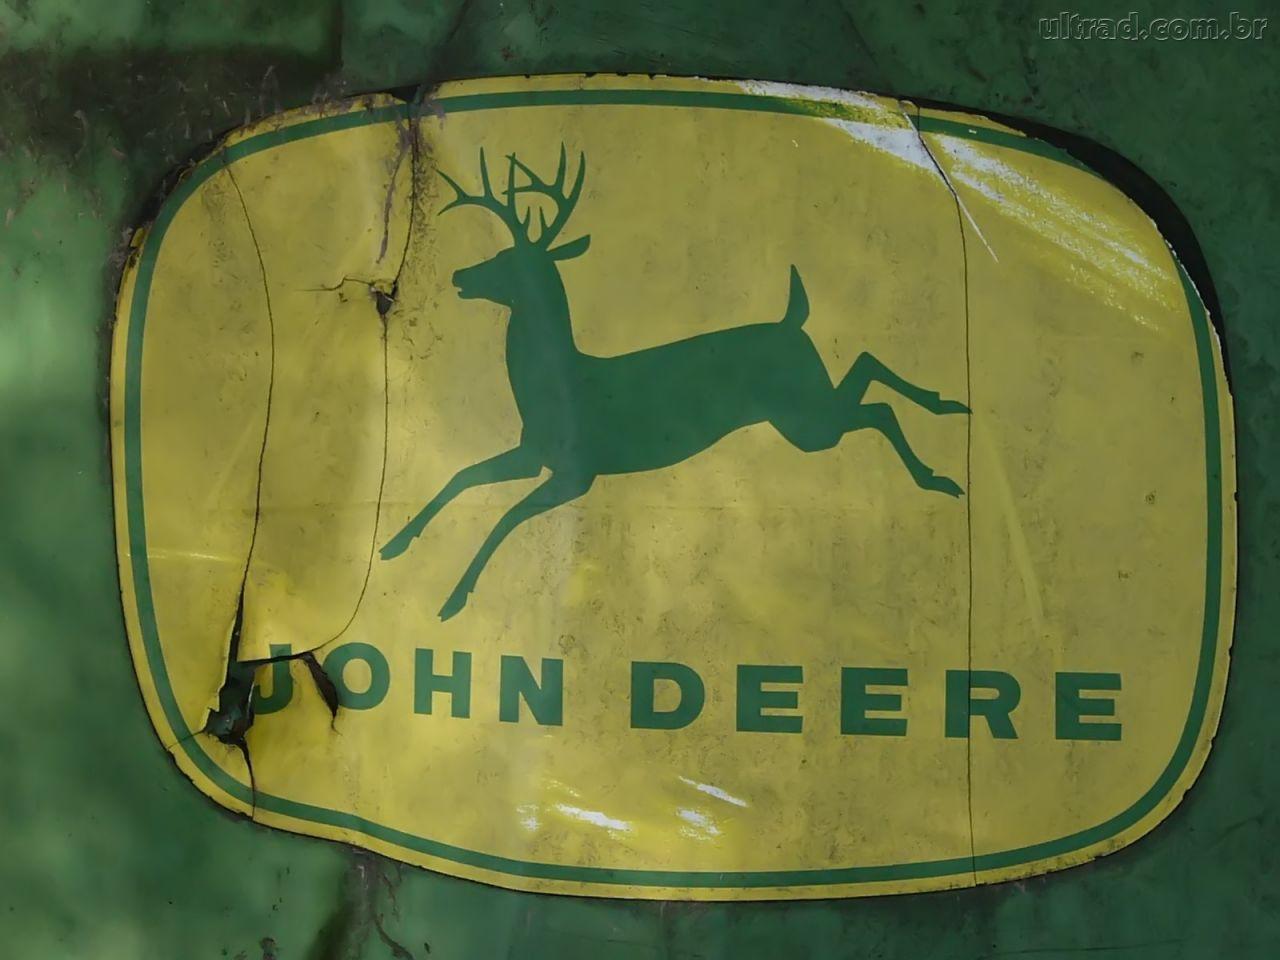 John Deere Wallpapers 1280x960